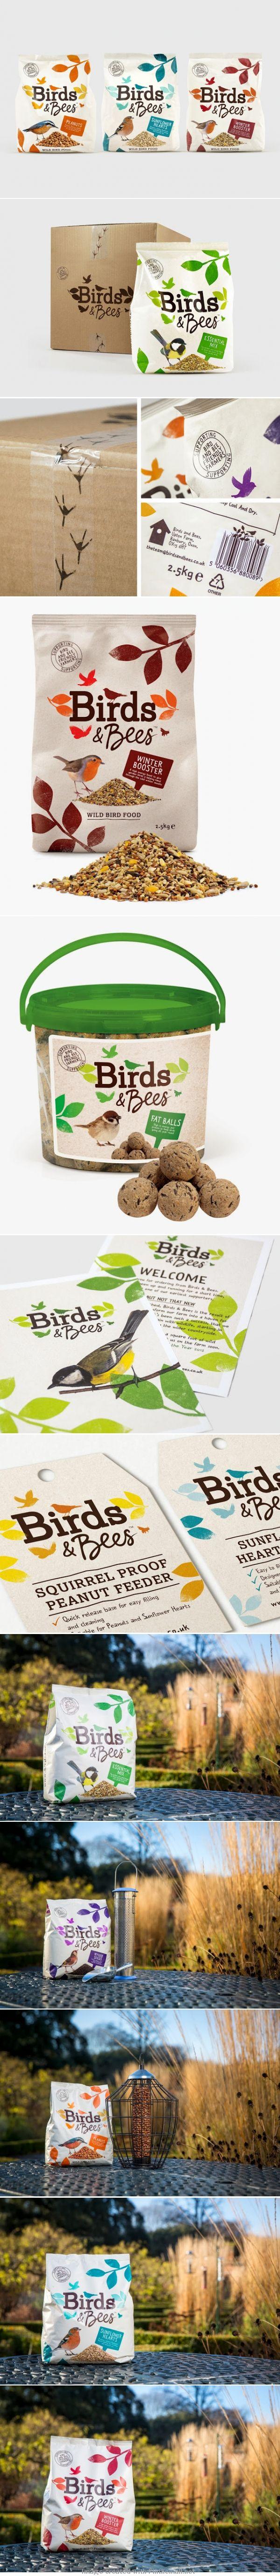 Birds Bees #petfood #bird